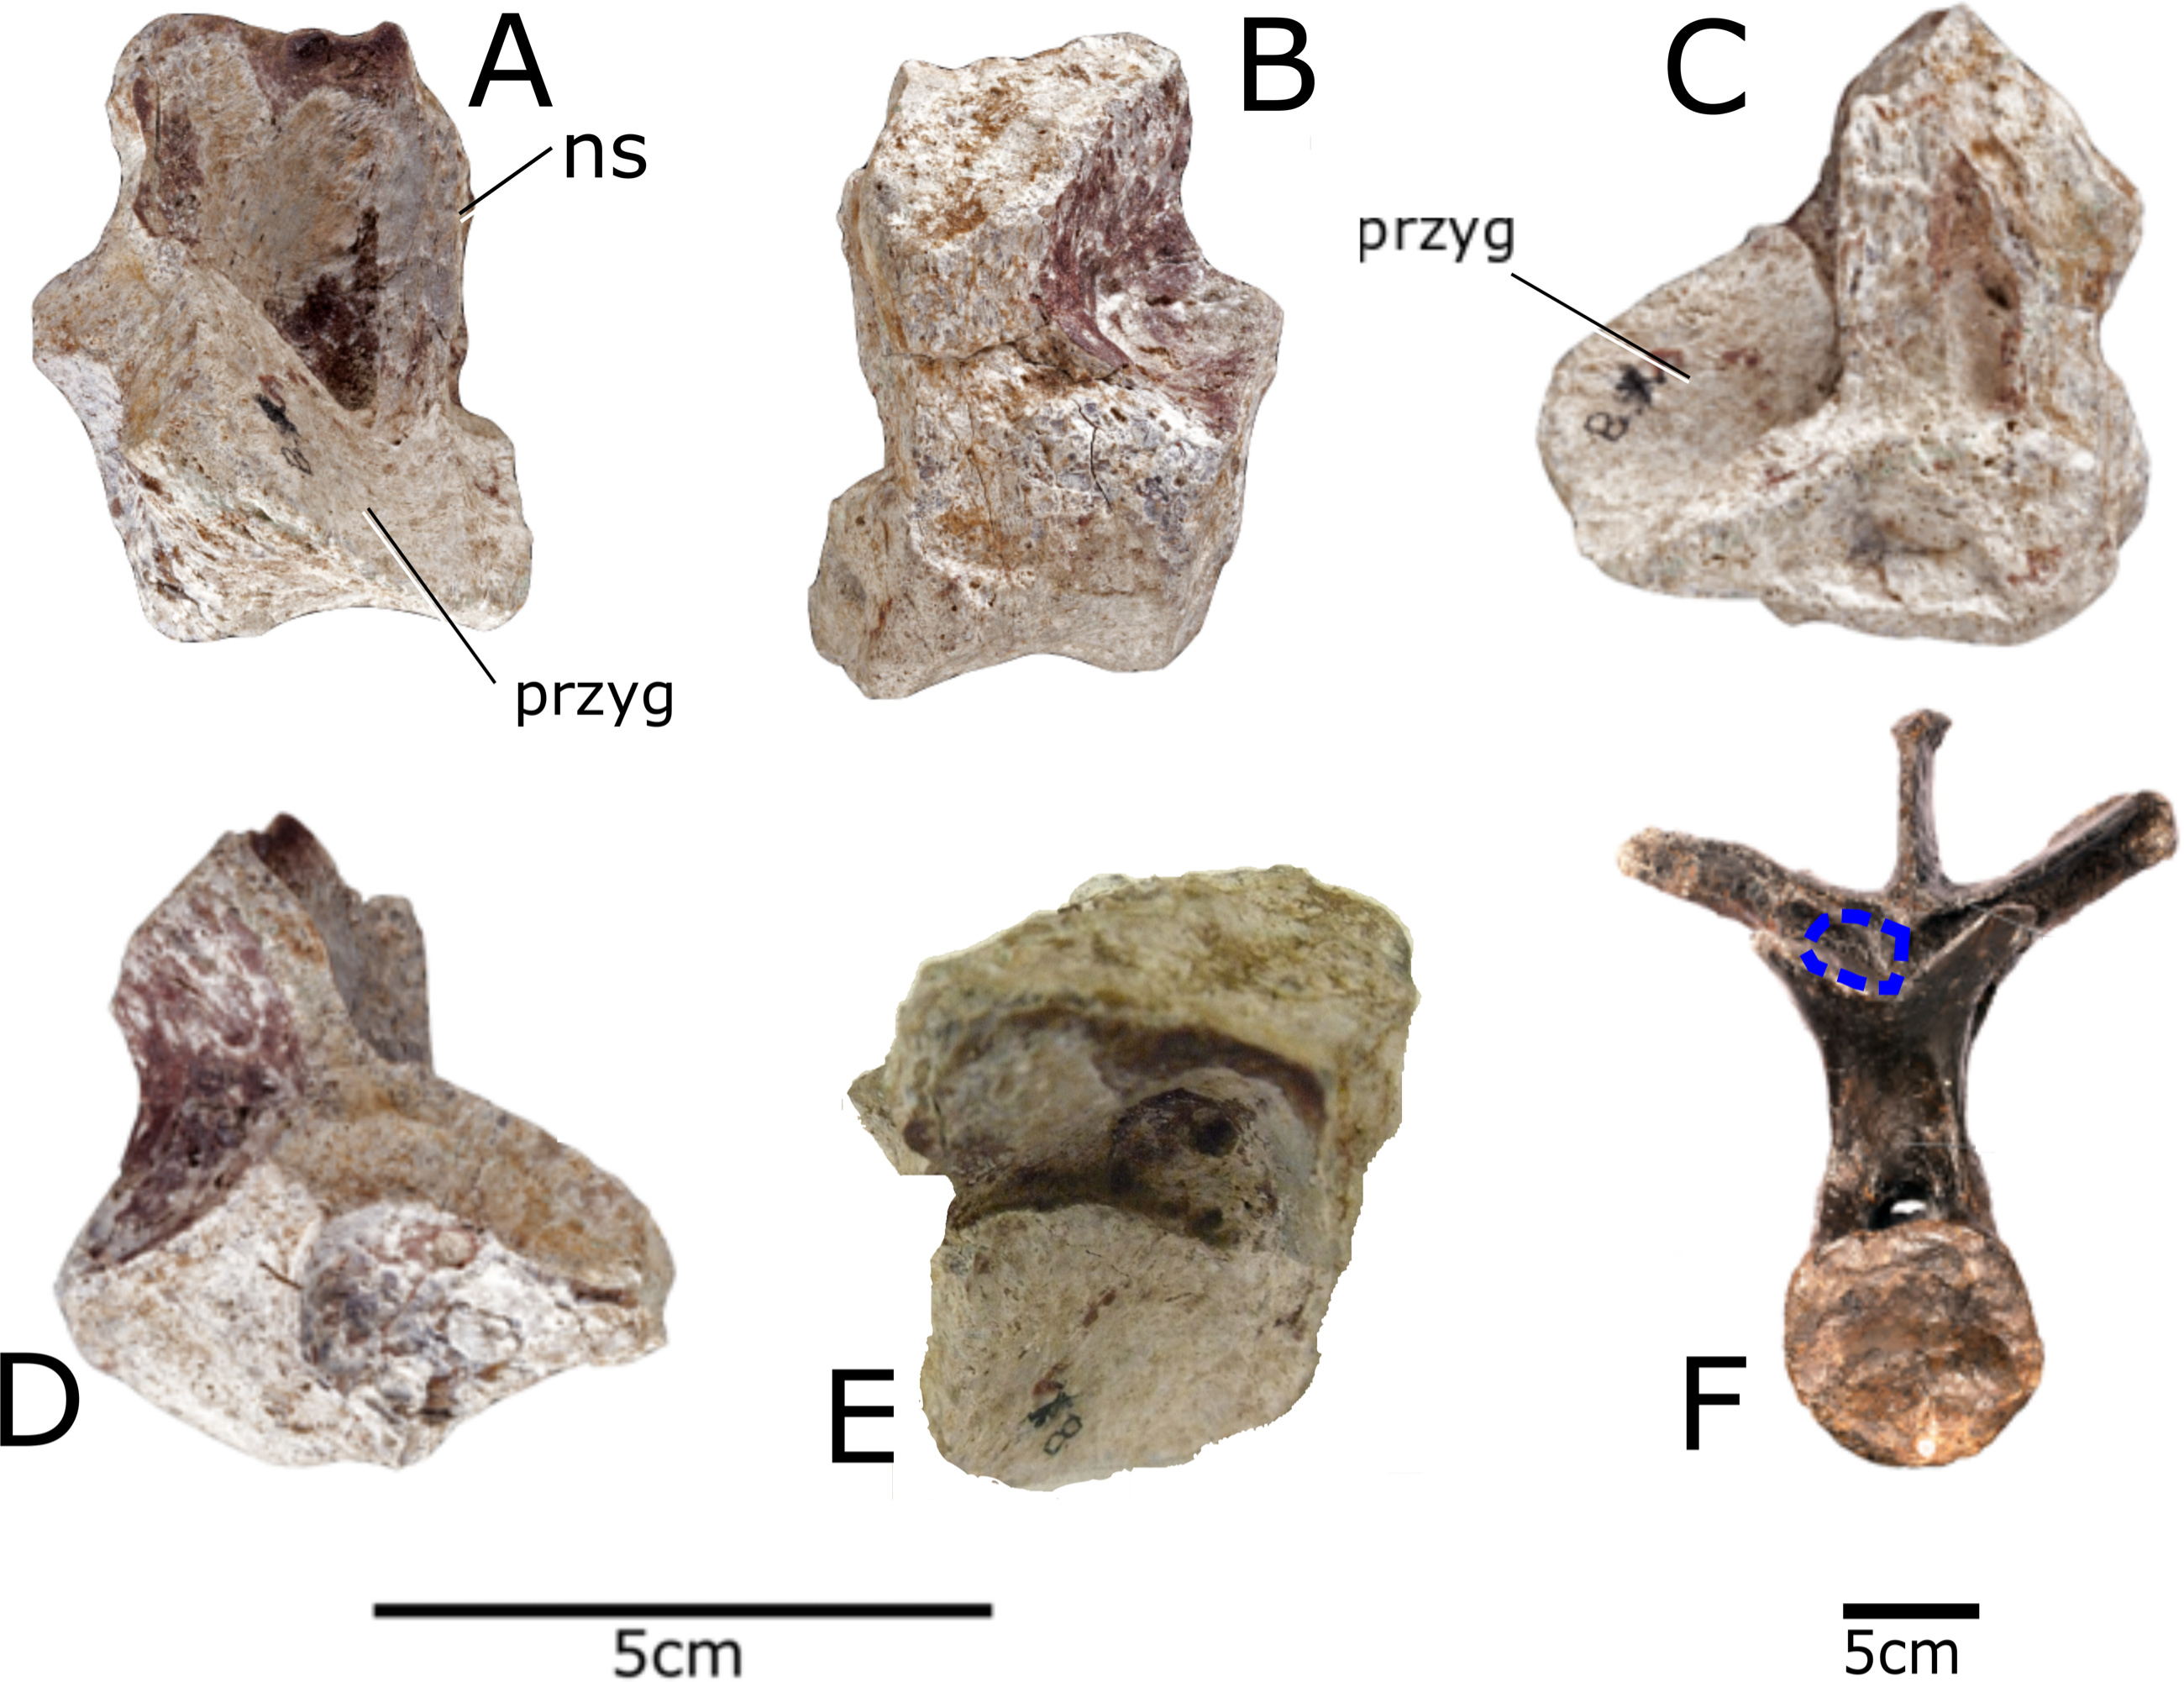 Paranthodon africanus - Beschreibung, Dinodata.de